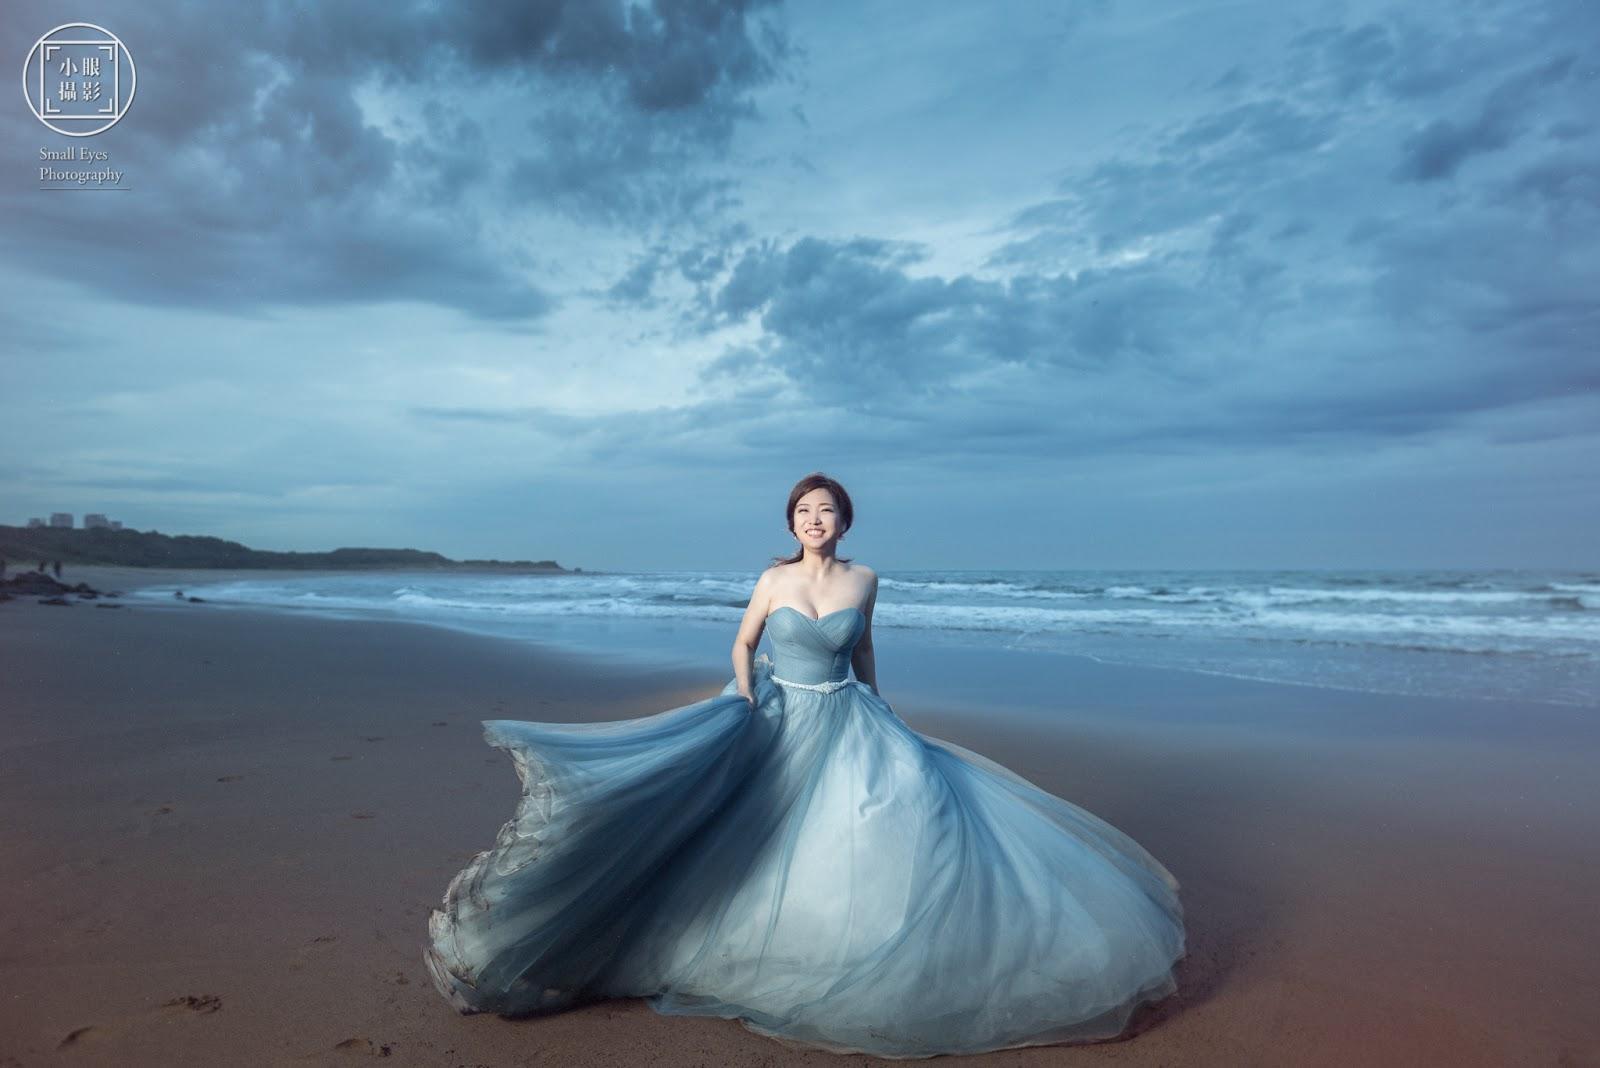 婚攝,小眼攝影,婚禮紀實,婚禮紀錄,婚紗,國內婚紗,海外婚紗,寫真,婚攝小眼,人像寫真,自主婚紗,自助婚紗,台北,台灣,婚攝